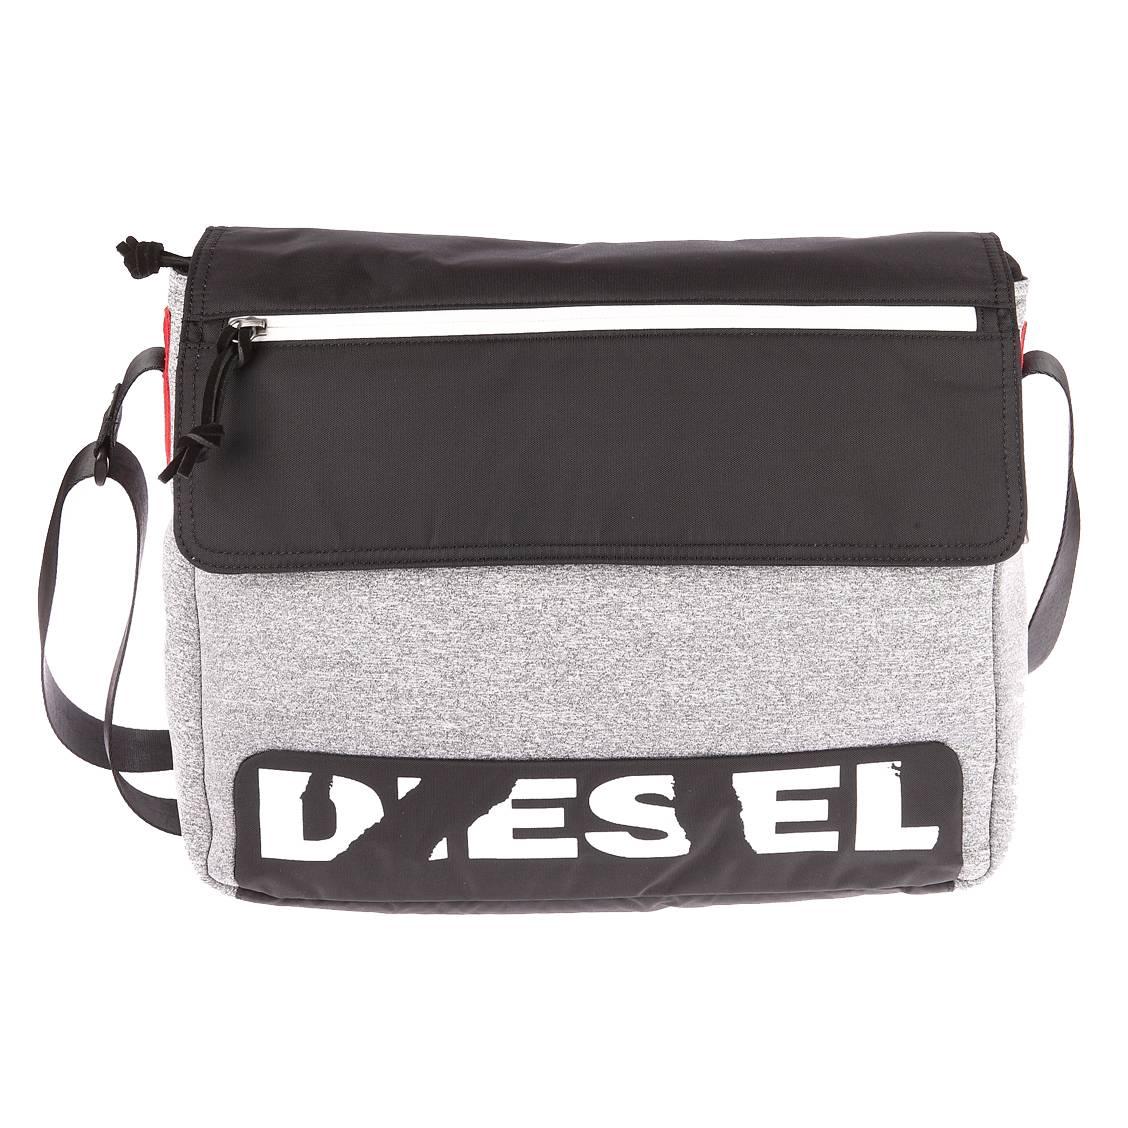 Besace à rabat Diesel F-Scuba gris chiné et noire fI9Tc